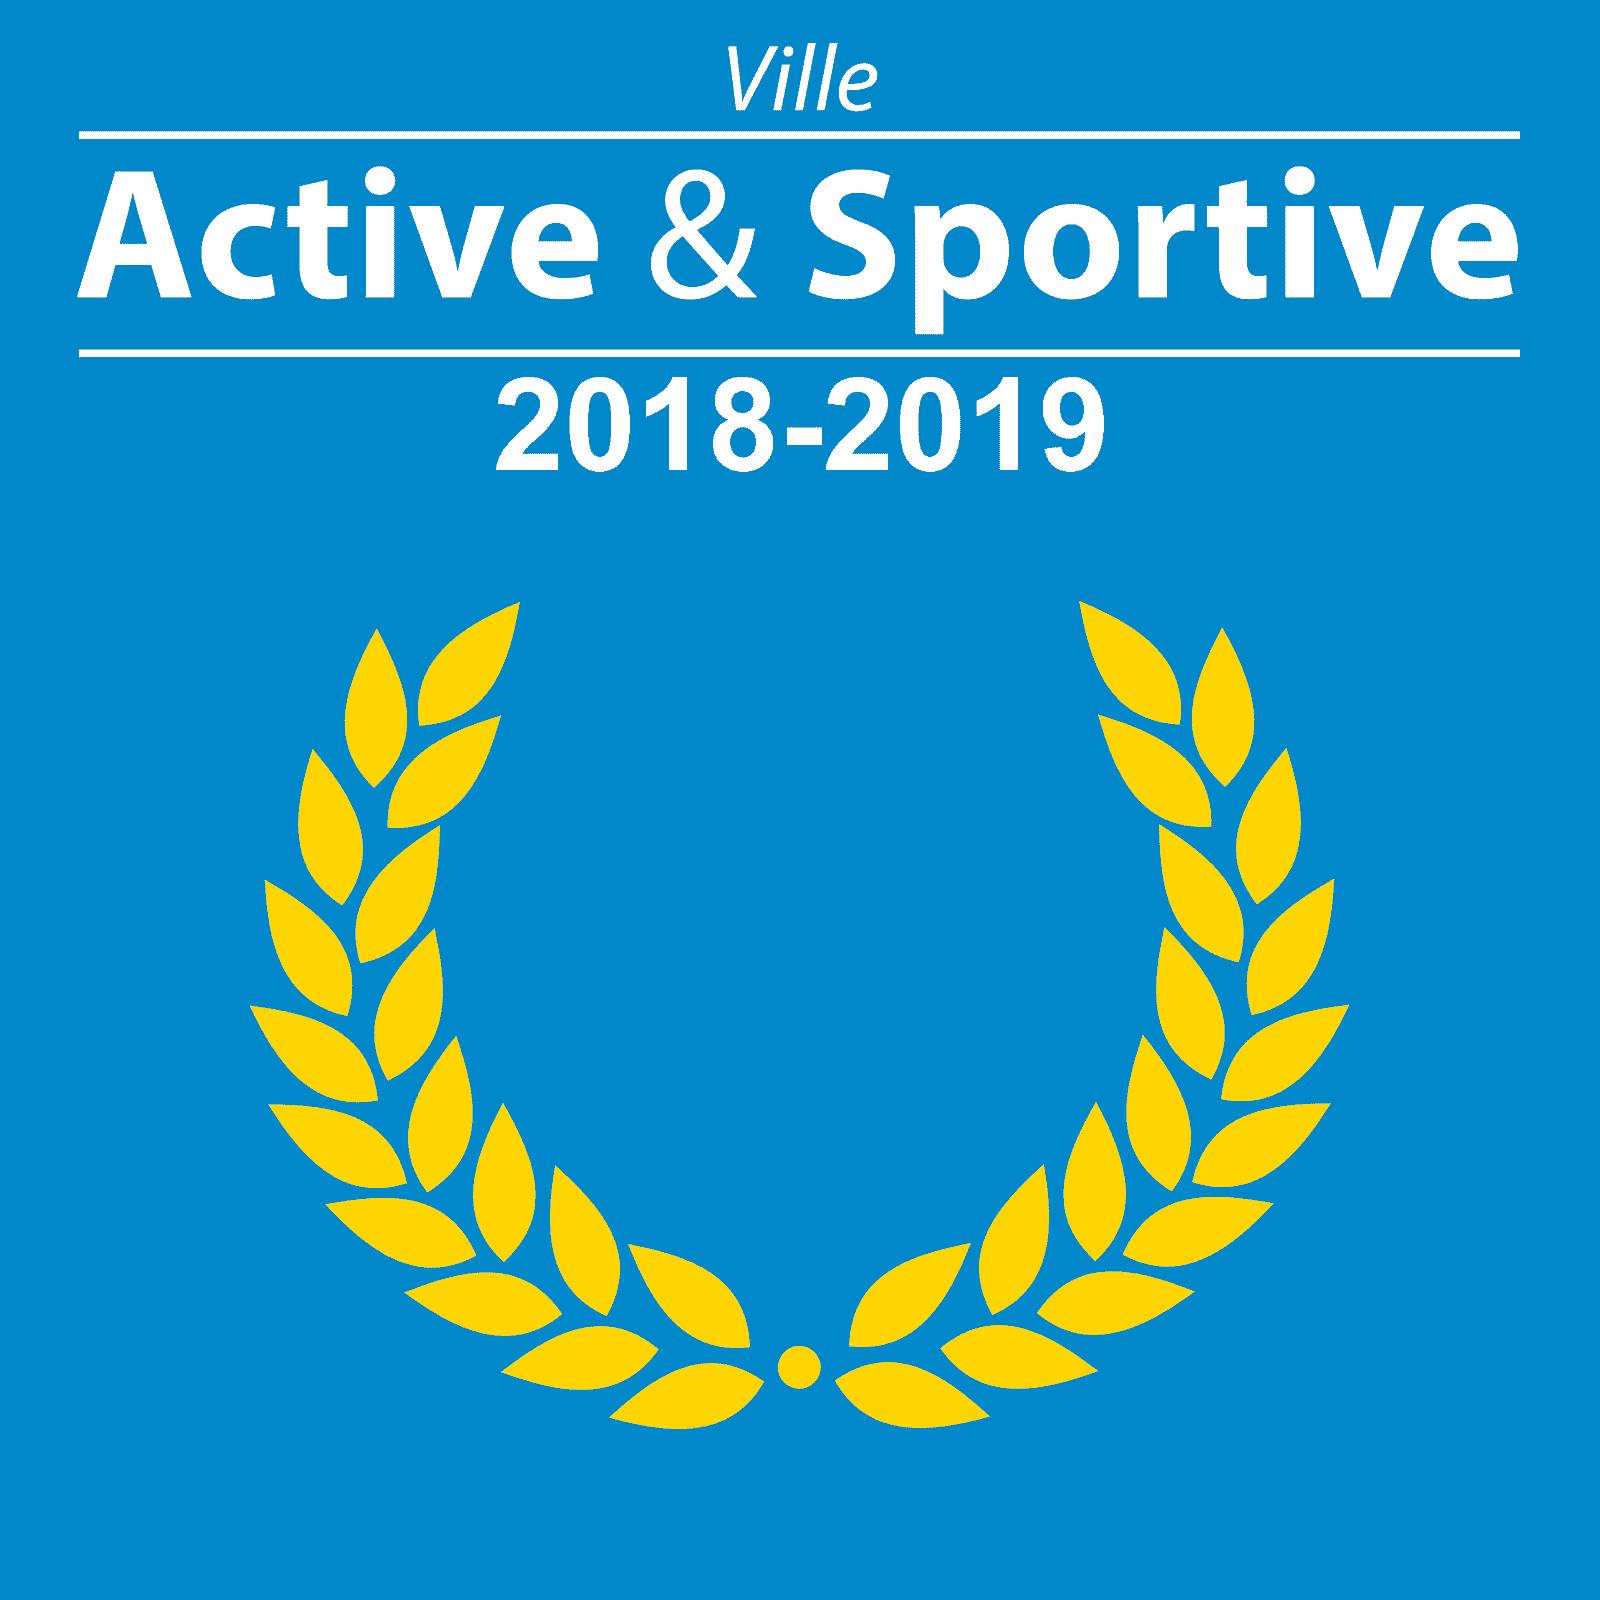 Logo du laurier «Ville active et sportive» pour les années 2018 et 2019.